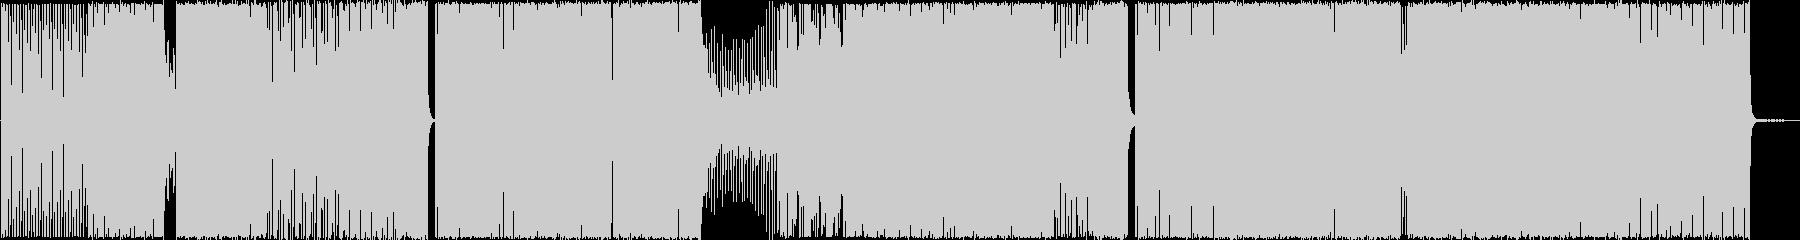 ハウスプログレッシブ、ランニングの未再生の波形